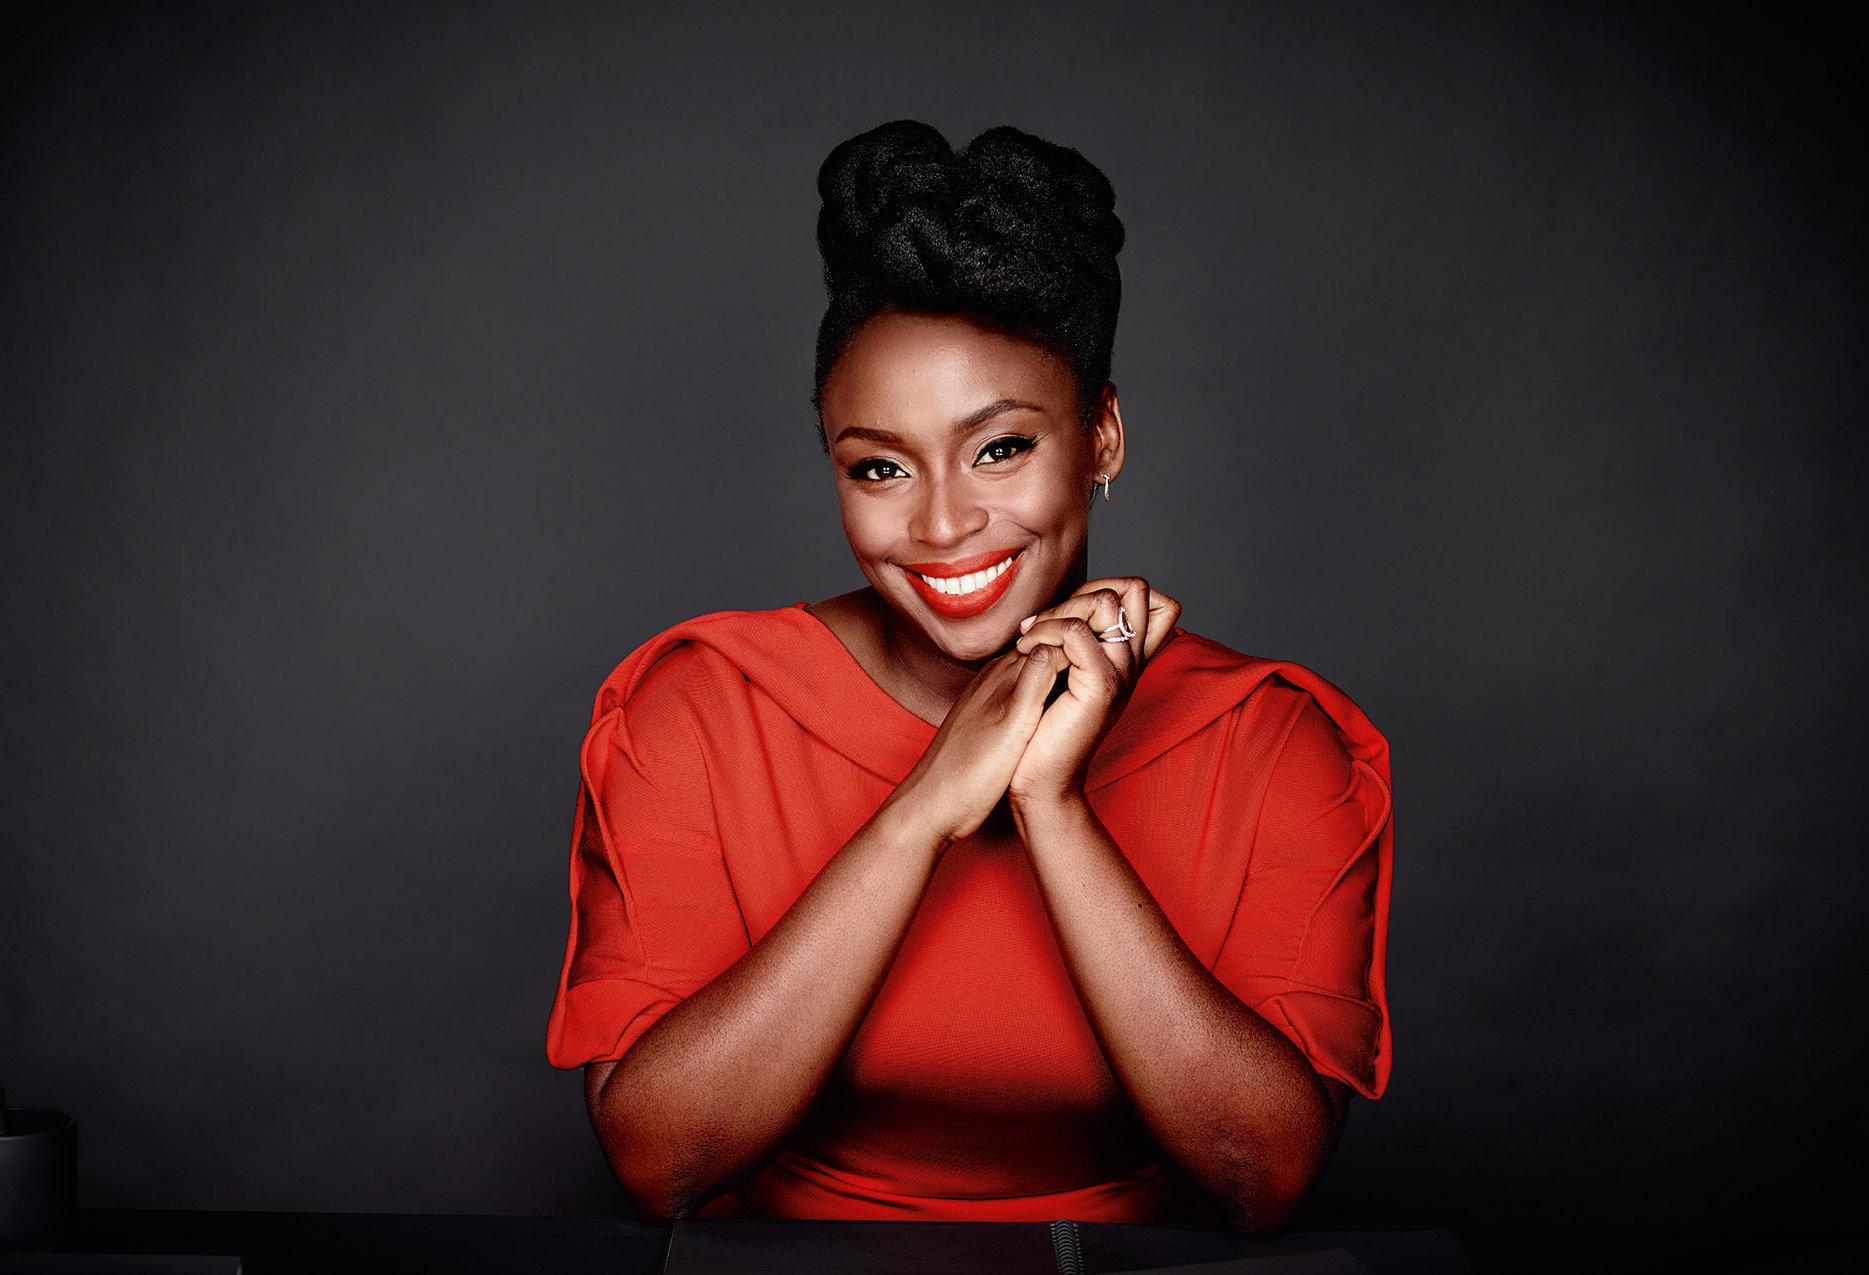 biography of Chimamanda Adichie